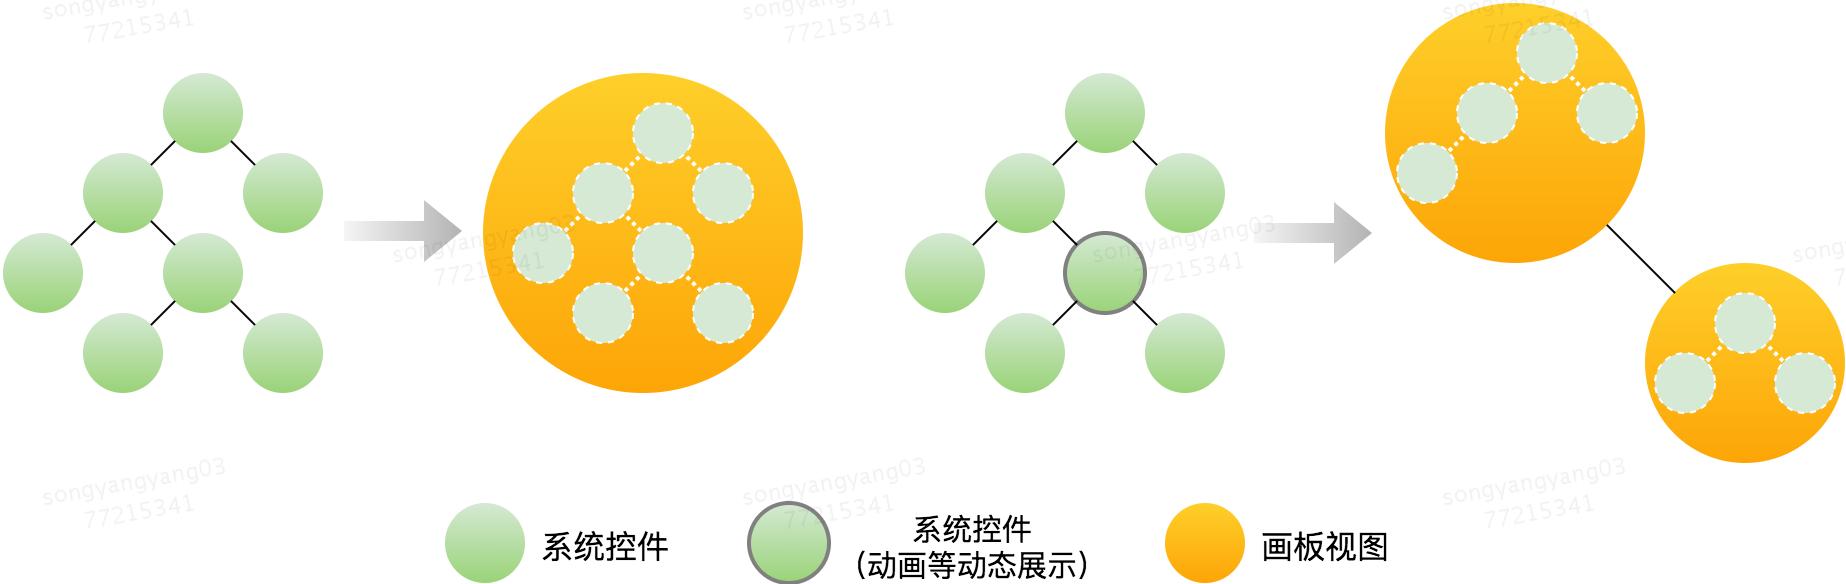 图7 画板和传统视图树